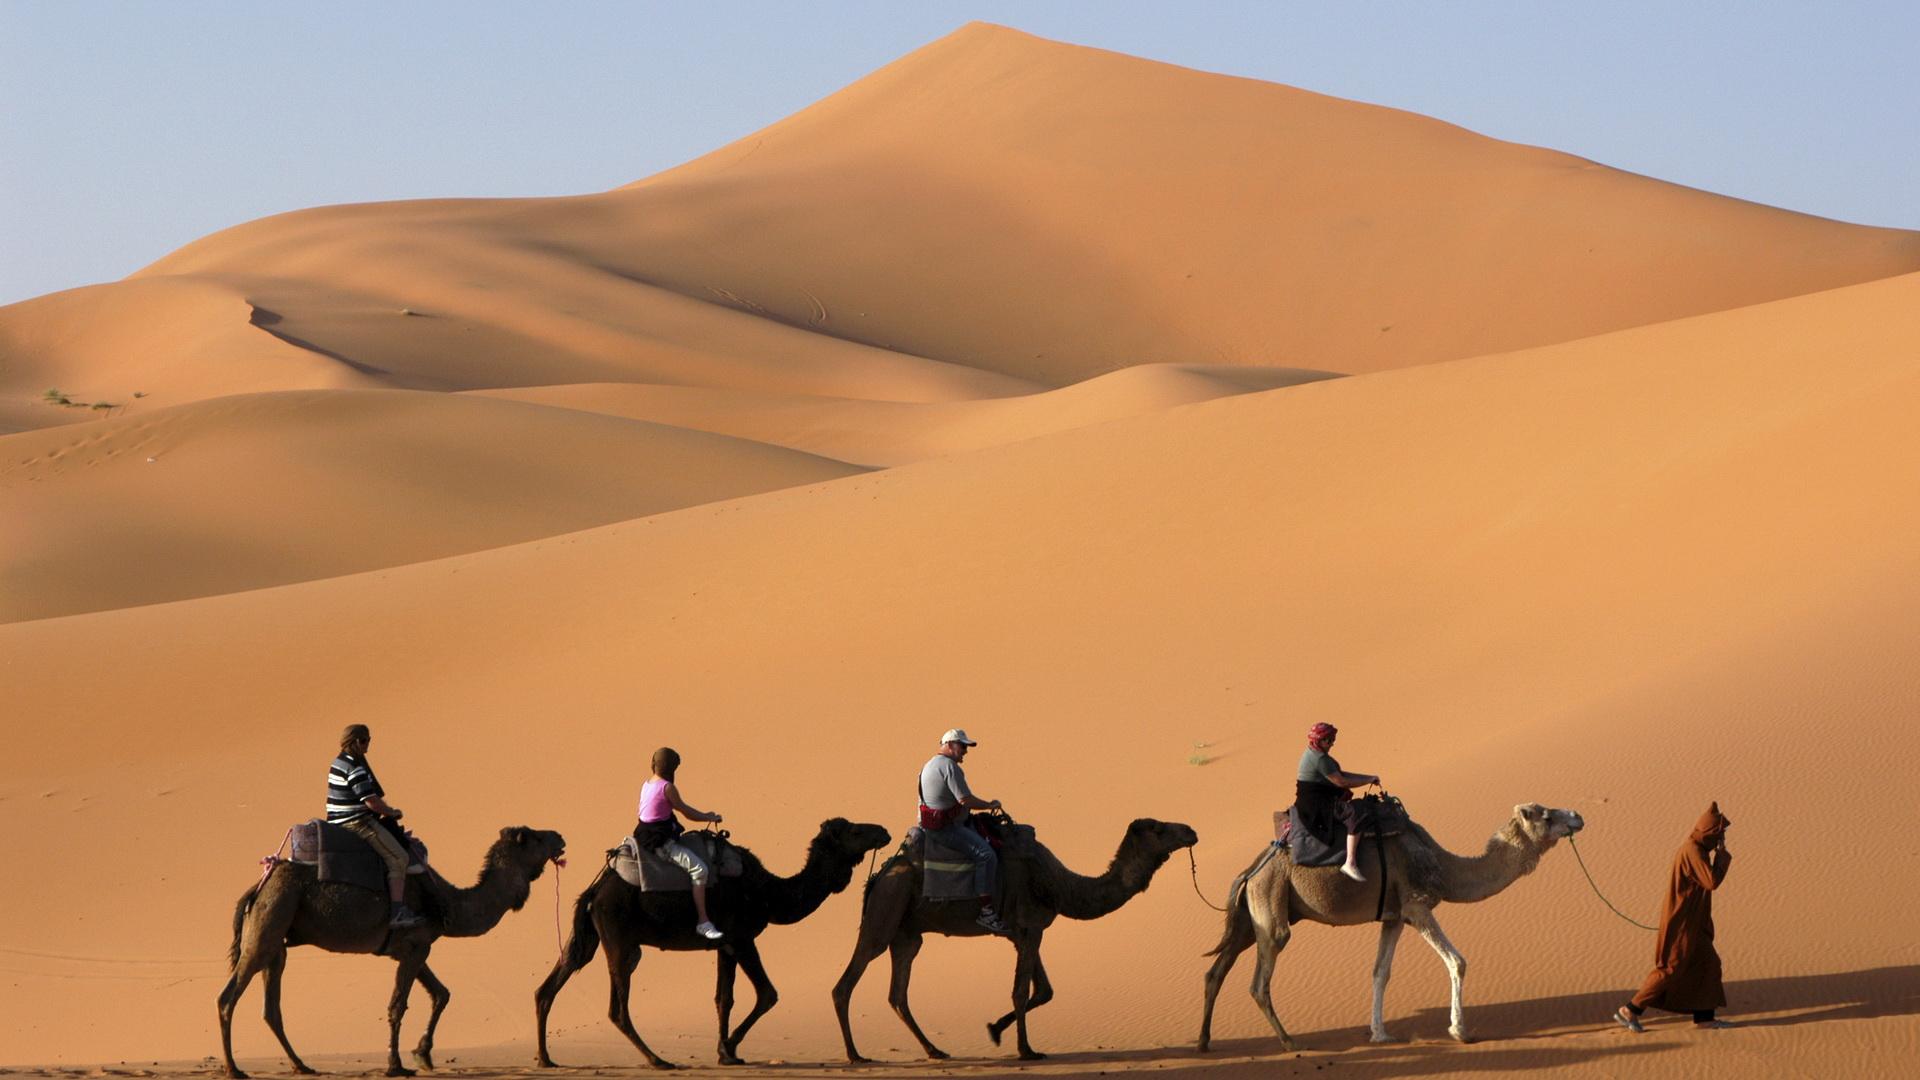 摩洛哥文化旅游从卡萨布兰卡 - FES - 萨哈沙漠经验 01